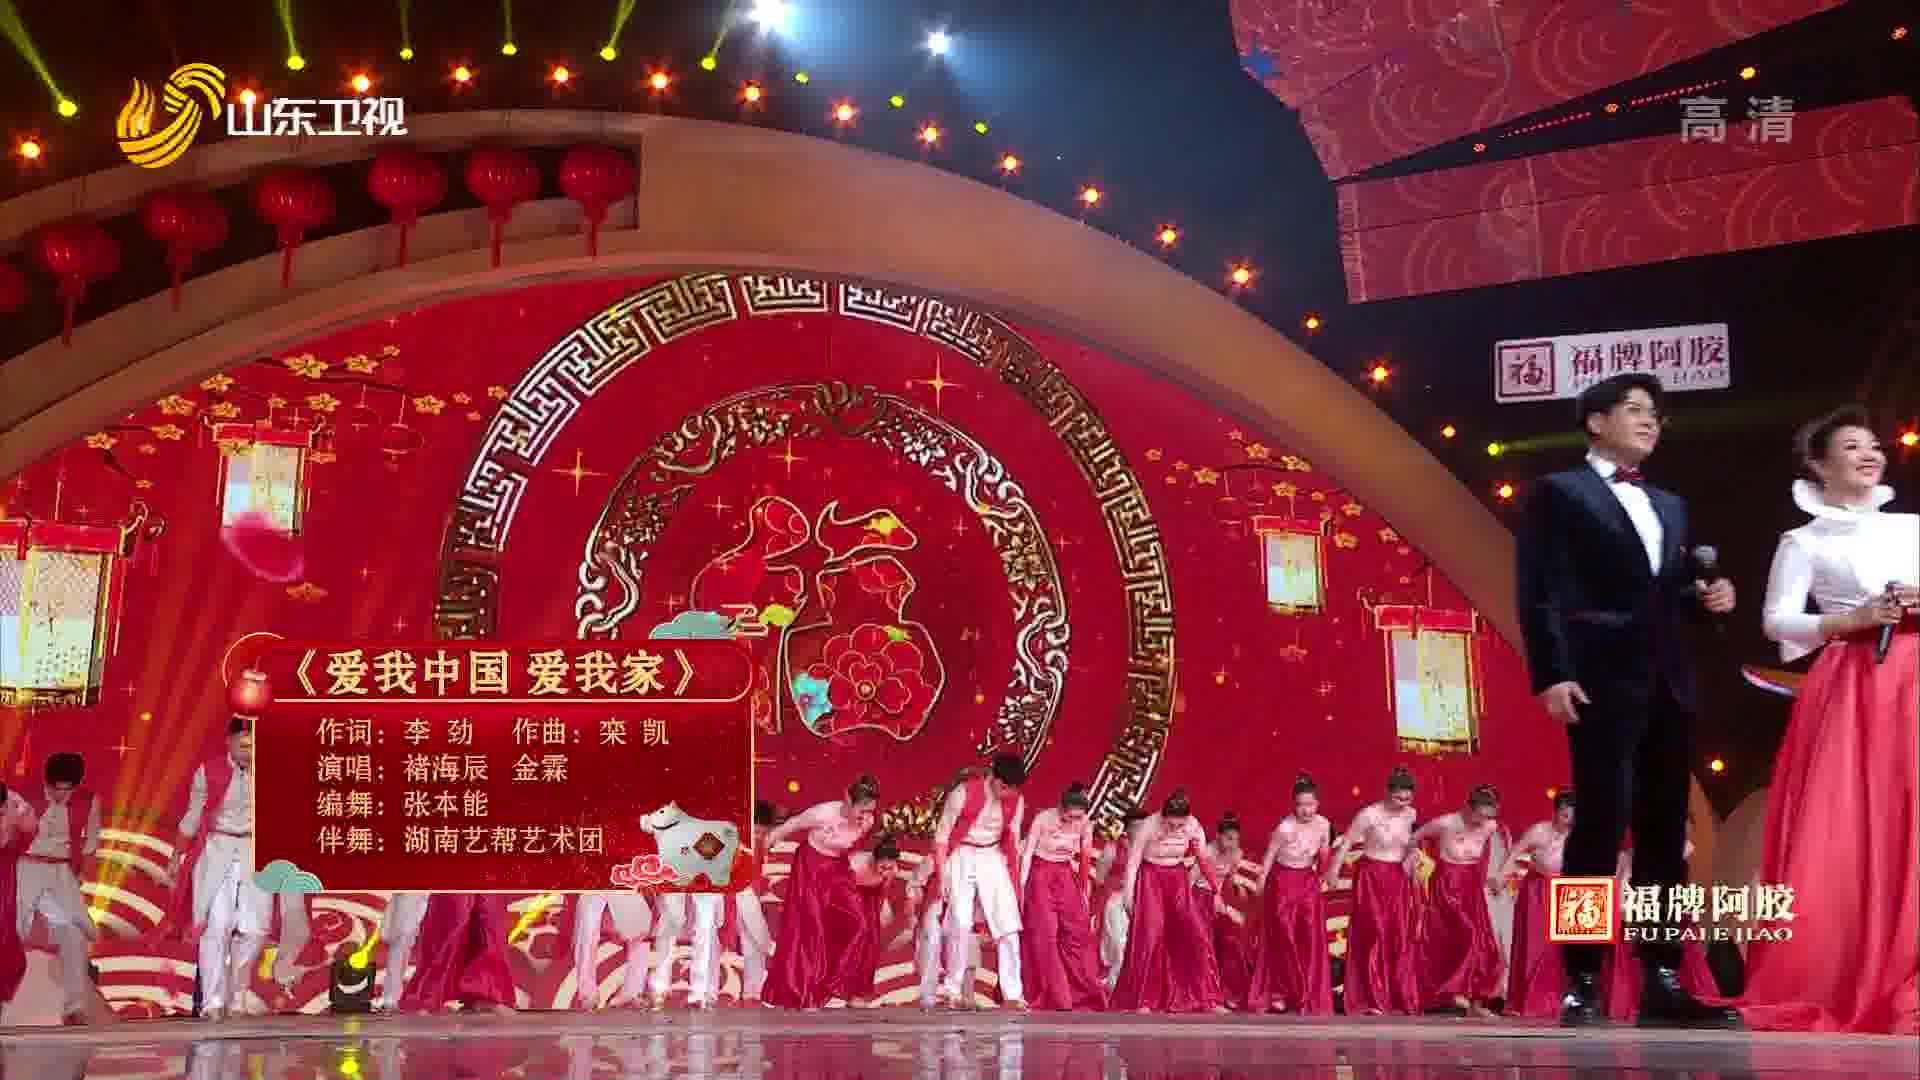 歌曲《爱我中国 爱我家》